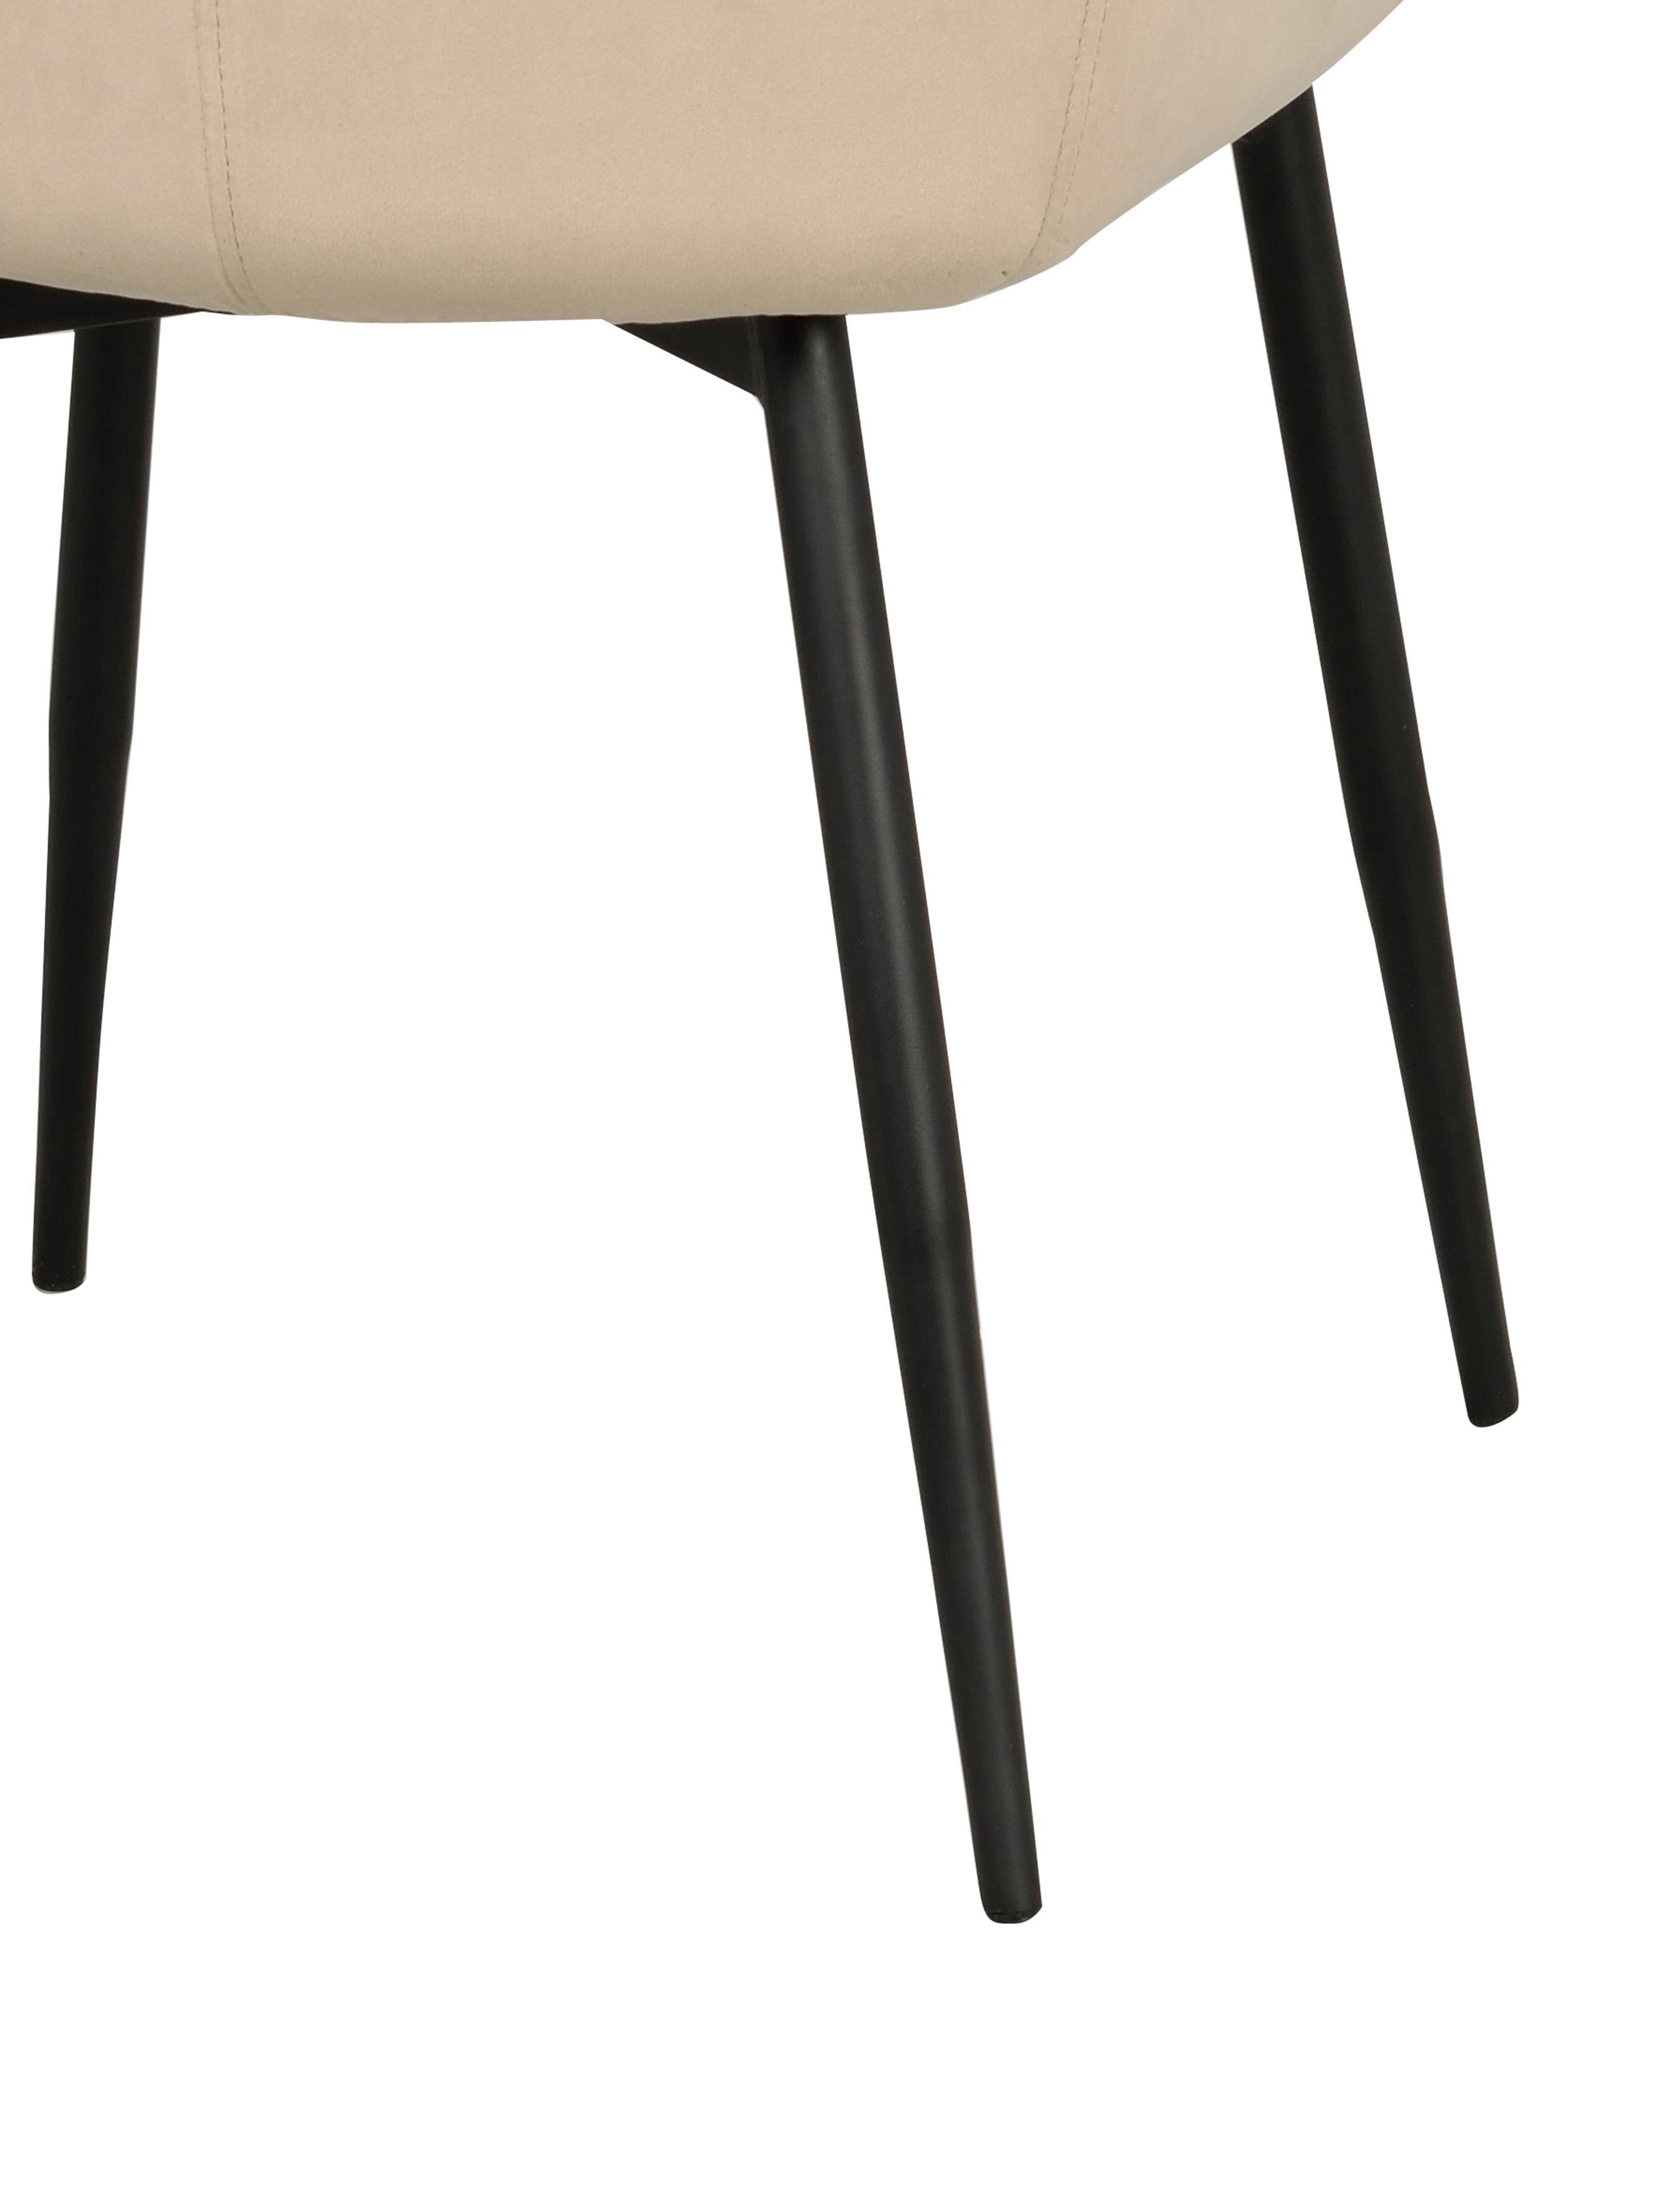 Samt-Polsterstühle Sierra, 2 Stück, Bezug: Polyestersamt Der strapaz, Beine: Metall, lackiert, Samt Beige, Beine Schwarz, B 49 x T 55 cm